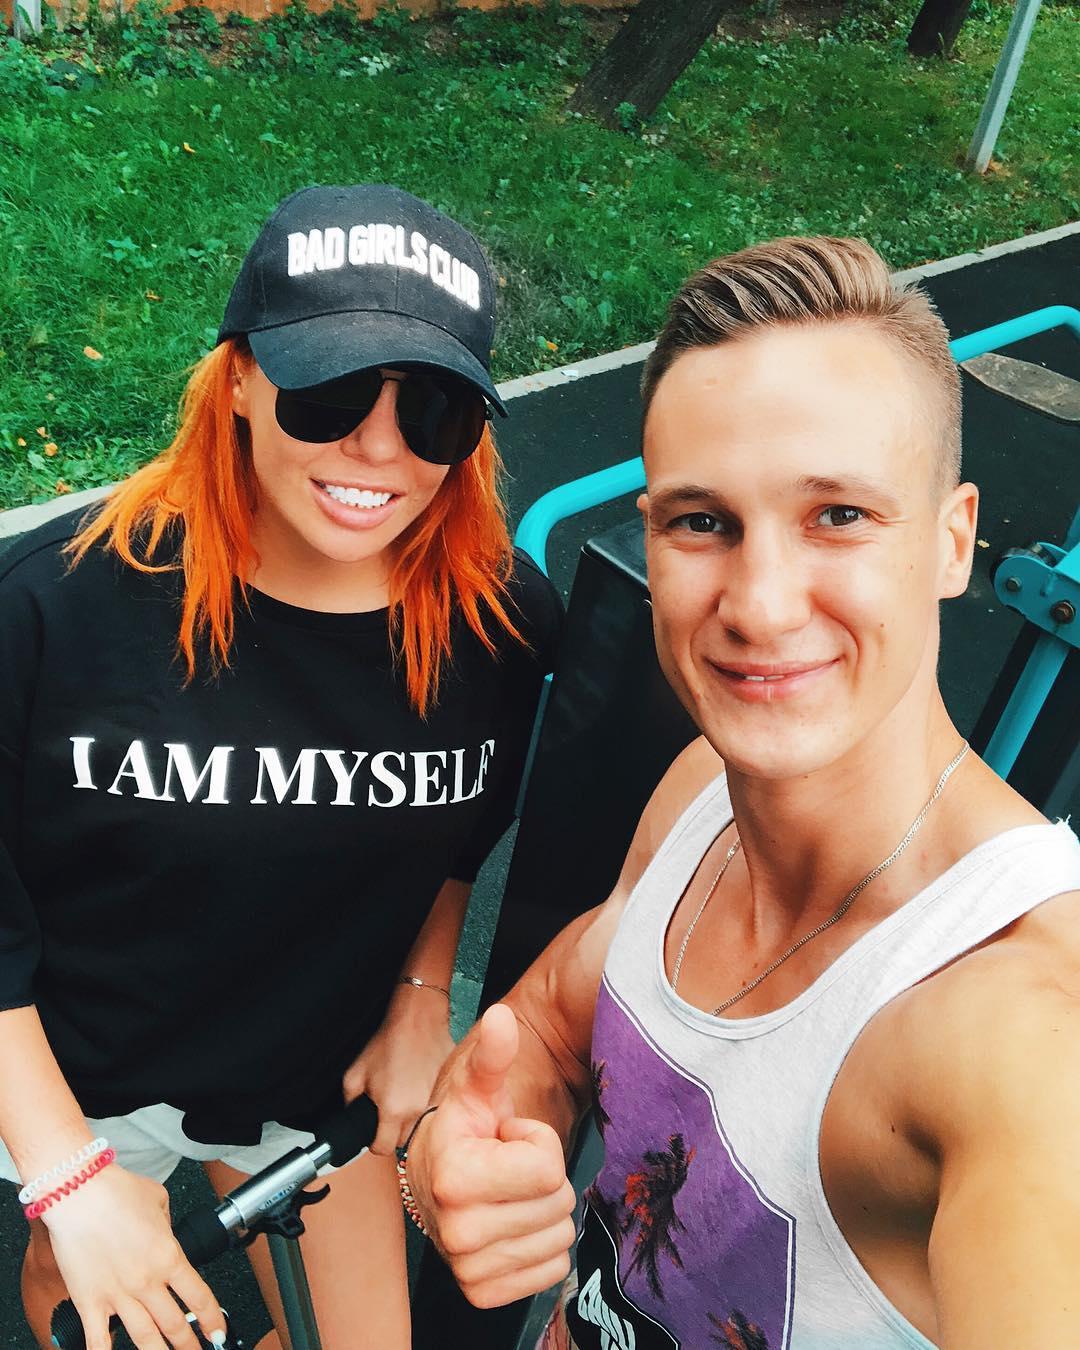 Анастасия Стоцкая: Я уже говорила про Александра @aleksandr_kireev_fit с которым давно занимаюсь фитнесом, правда, с перерывами, систематически не получается, к сожалению. Во время коротких гастролей, чтобы не прерывать тренировки, мы проводили занятия по скайпу. Ле...